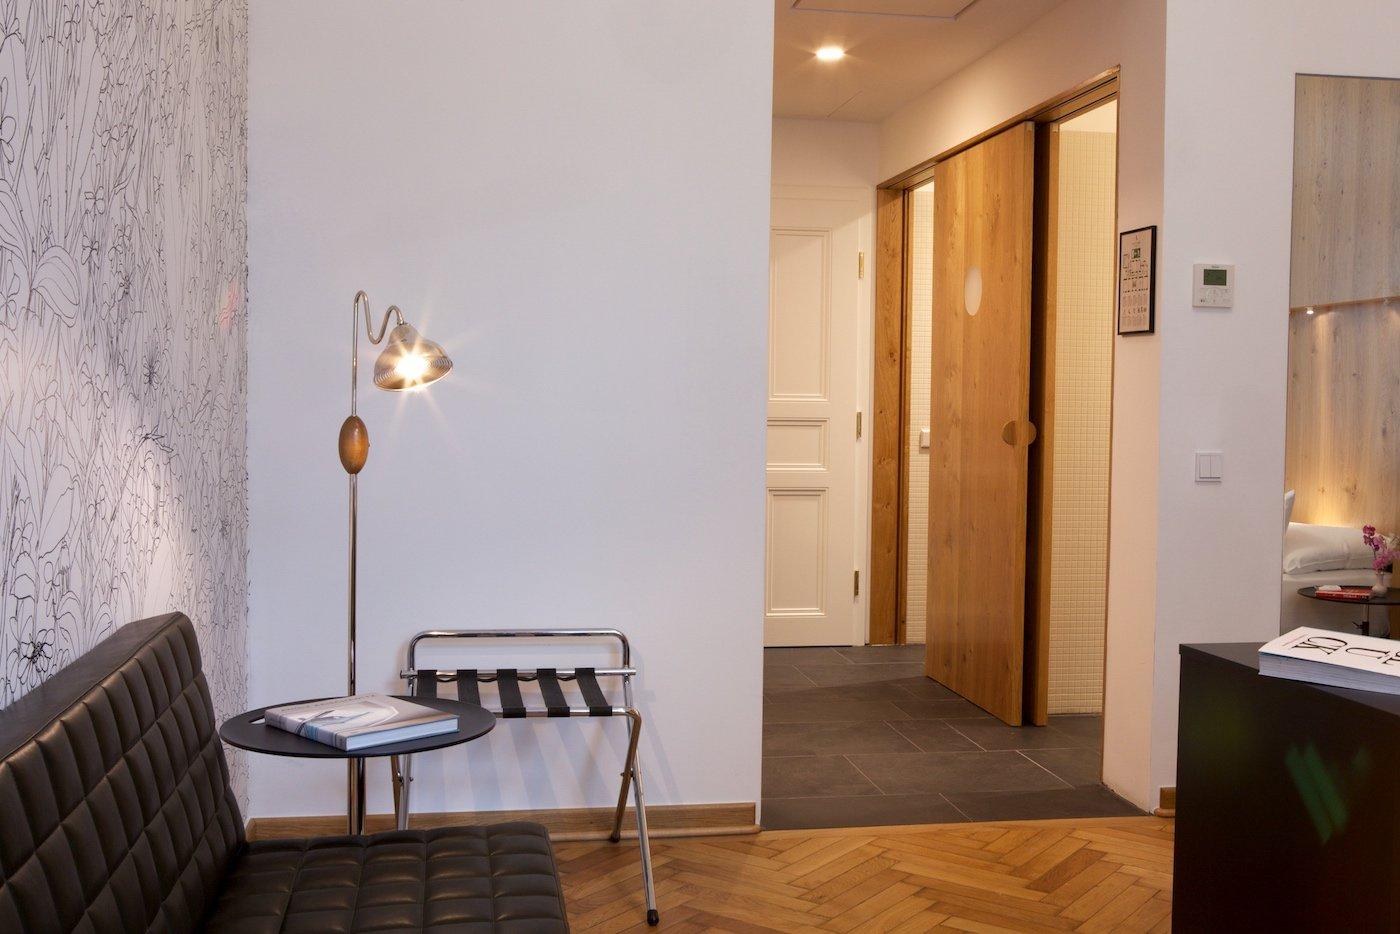 Hotel Altstadt Vienna Boutique Design Hotel Wien Suite 64 Eingangsbereich Lampe